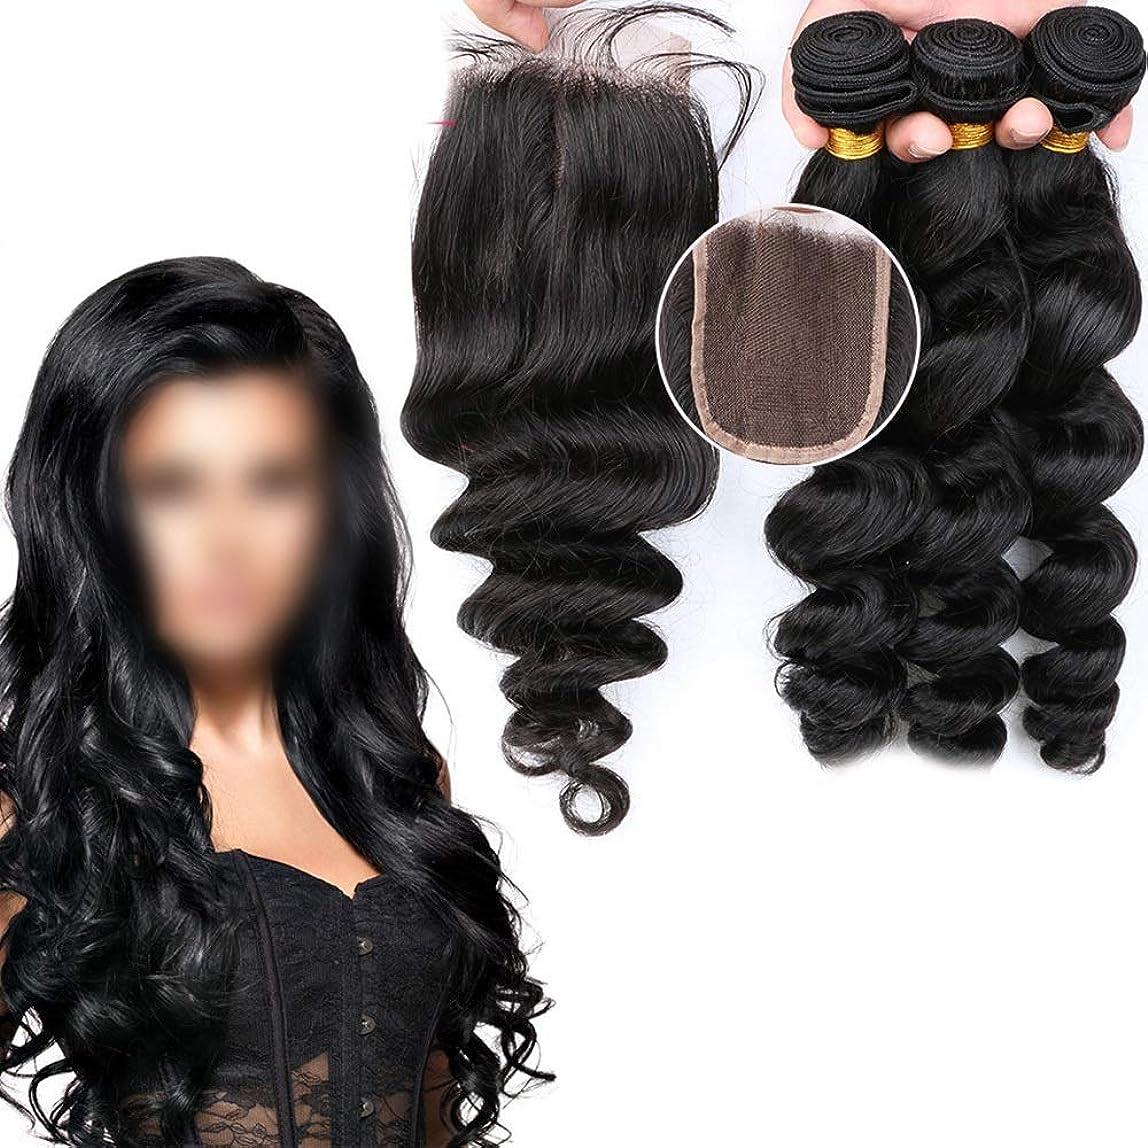 軍入り口努力するBOBIDYEE 100%リアル人間の髪ルースウェーブとレース前頭閉鎖カーリーヘアエクステンション女性のための人工毛レースかつらロールプレイングかつら (色 : 黒, サイズ : 8 inch)